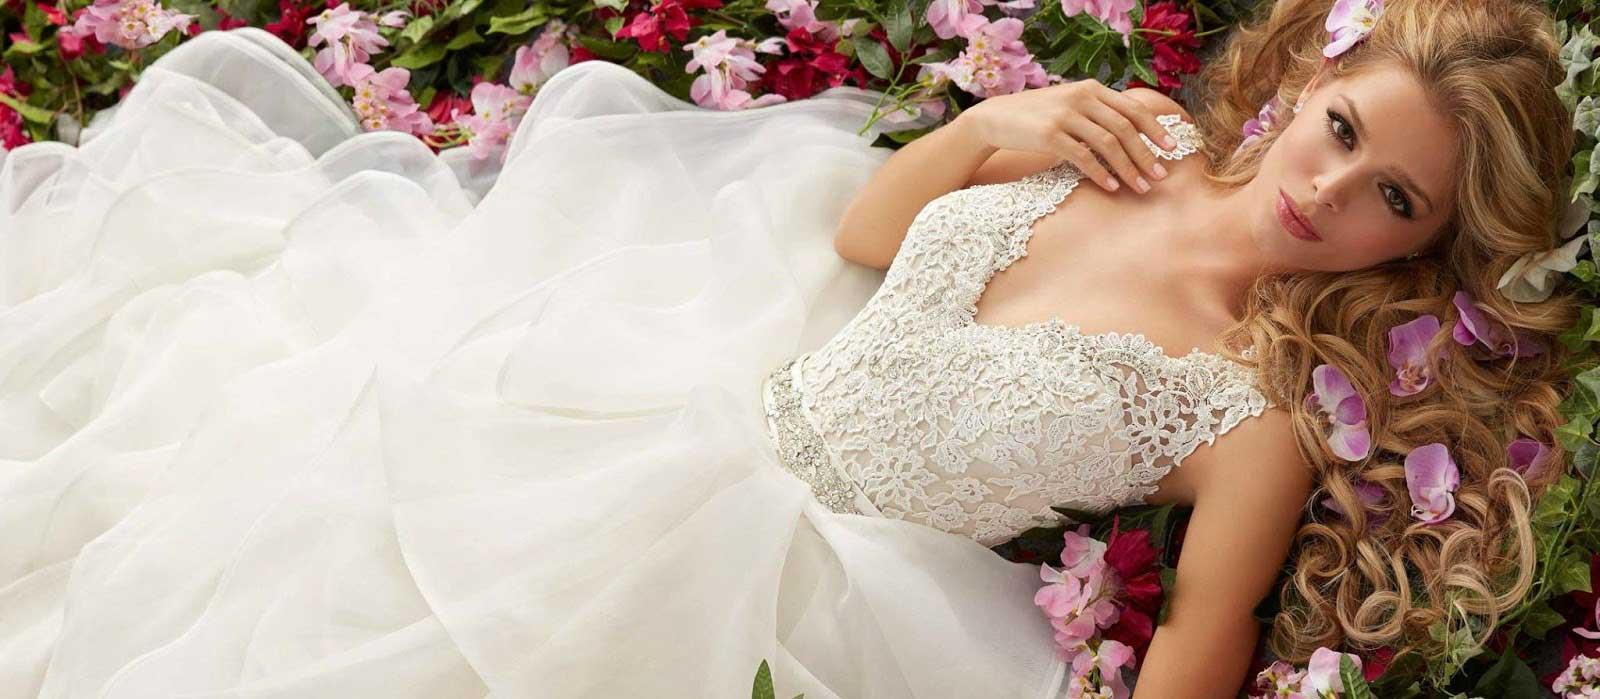 Como escolher o vestido perfeito para casamento